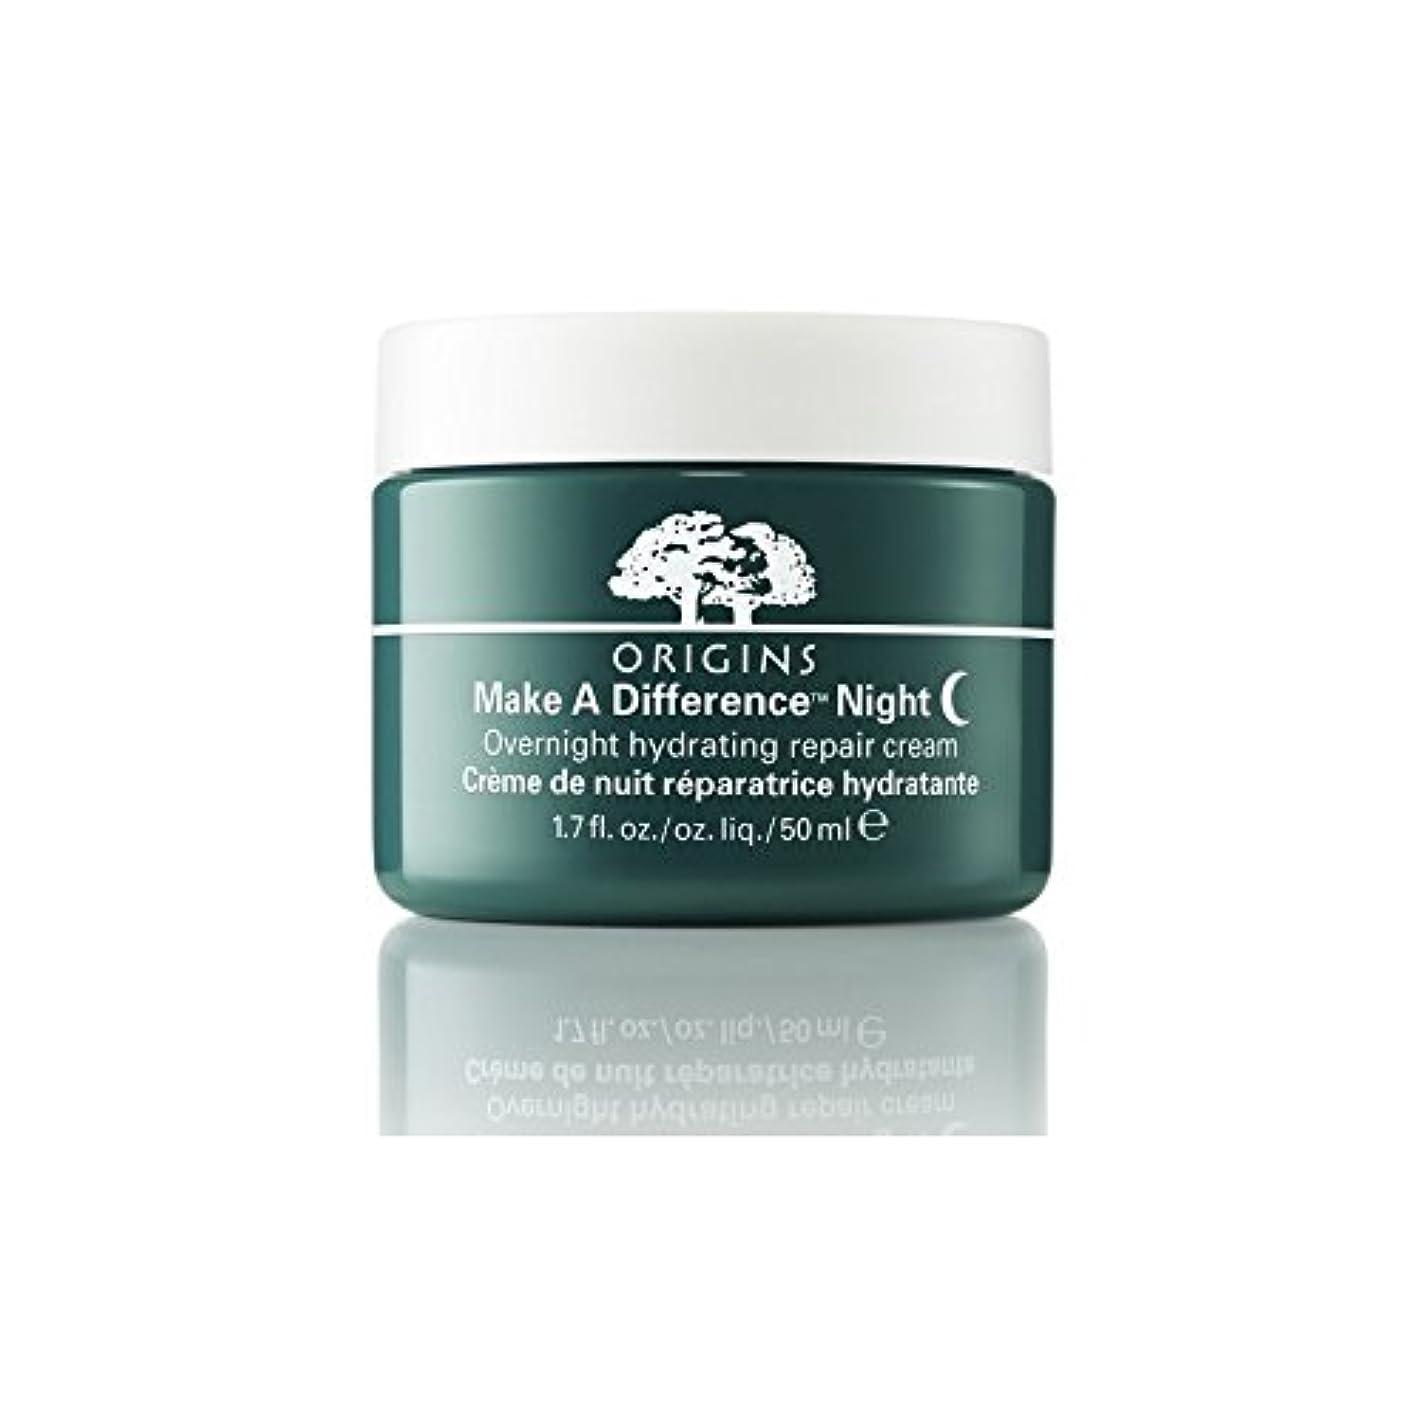 処理する対人季節Origins Make A Difference Overnight Hydrating Repair Cream 50ml - 起源は違い、一晩水和リペアクリーム50ミリリットルを作ります [並行輸入品]